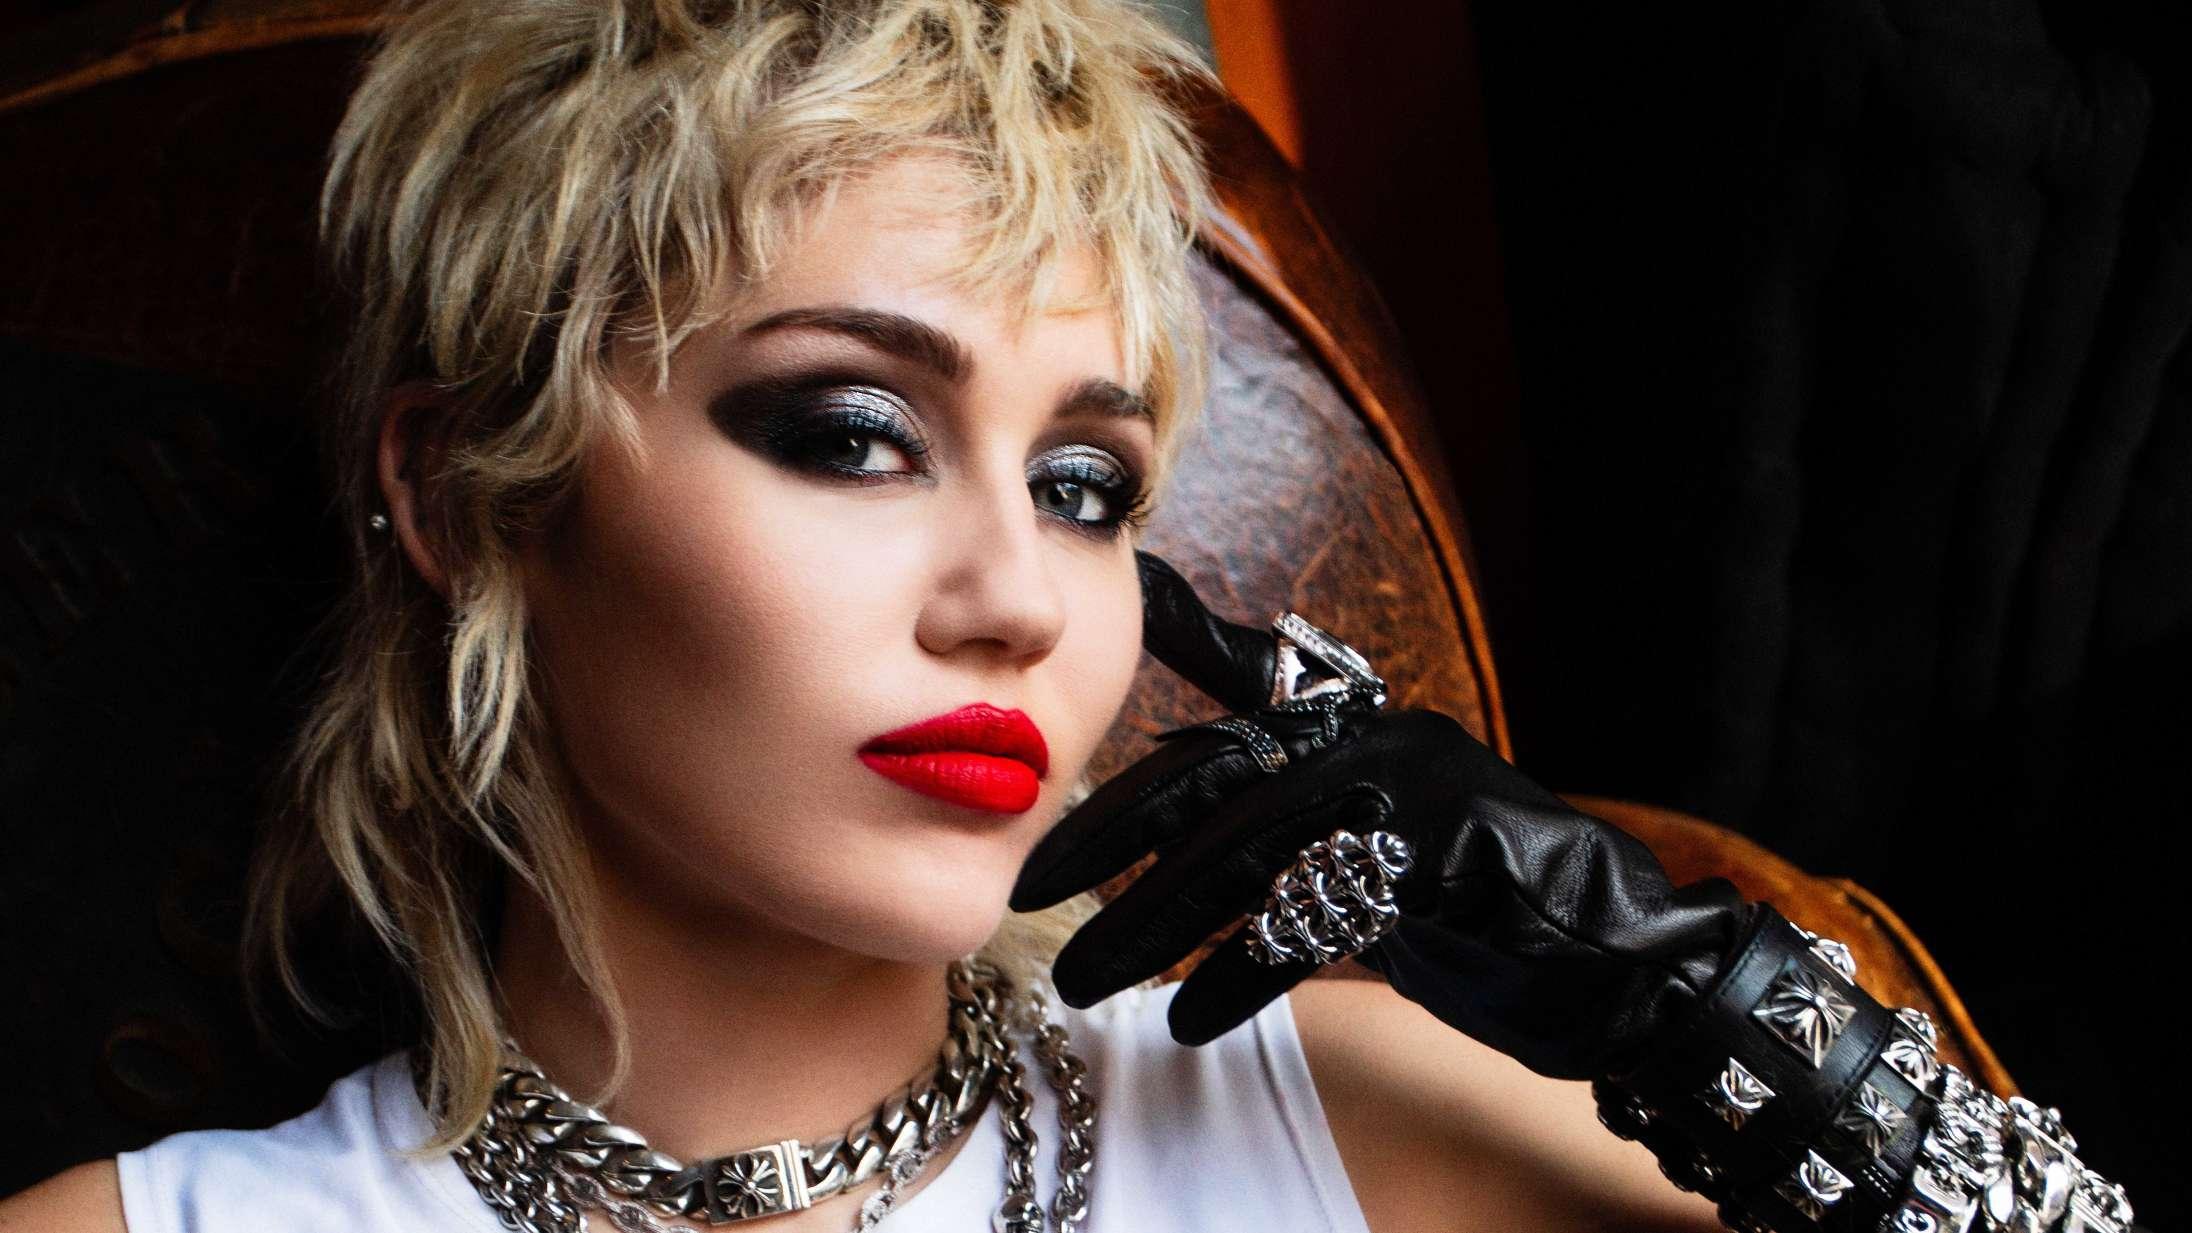 Miley Cyrus rammer 'Saturday Night Live' sammen med … Elon Musk!?